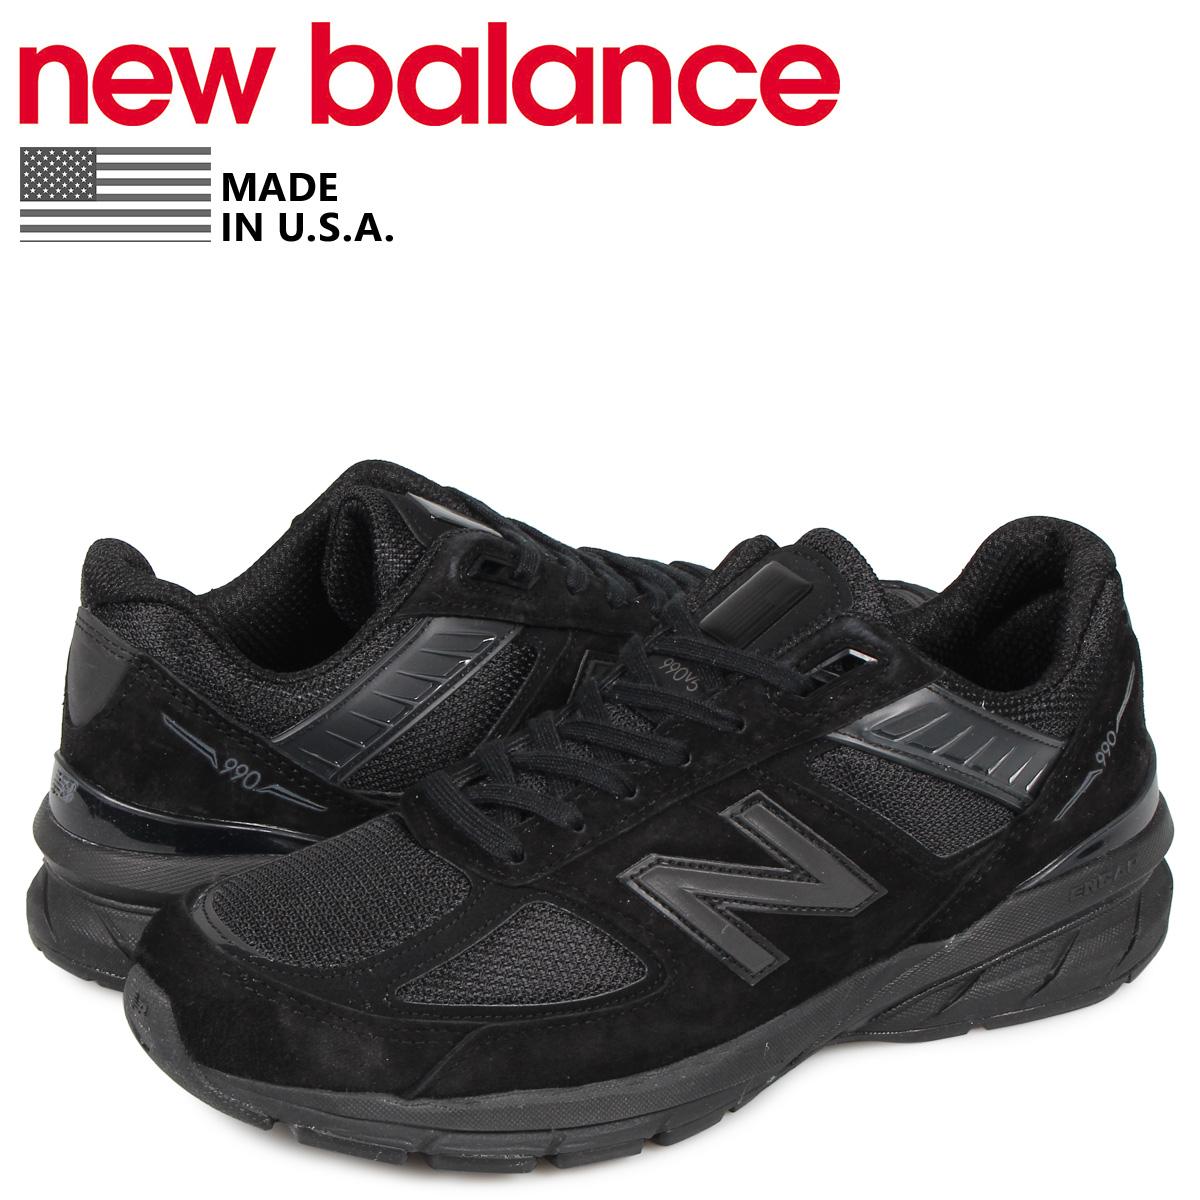 ニューバランス new balance 990 スニーカー メンズ Dワイズ MADE IN USA ブラック 黒 M990BB5 [4/14 再入荷]